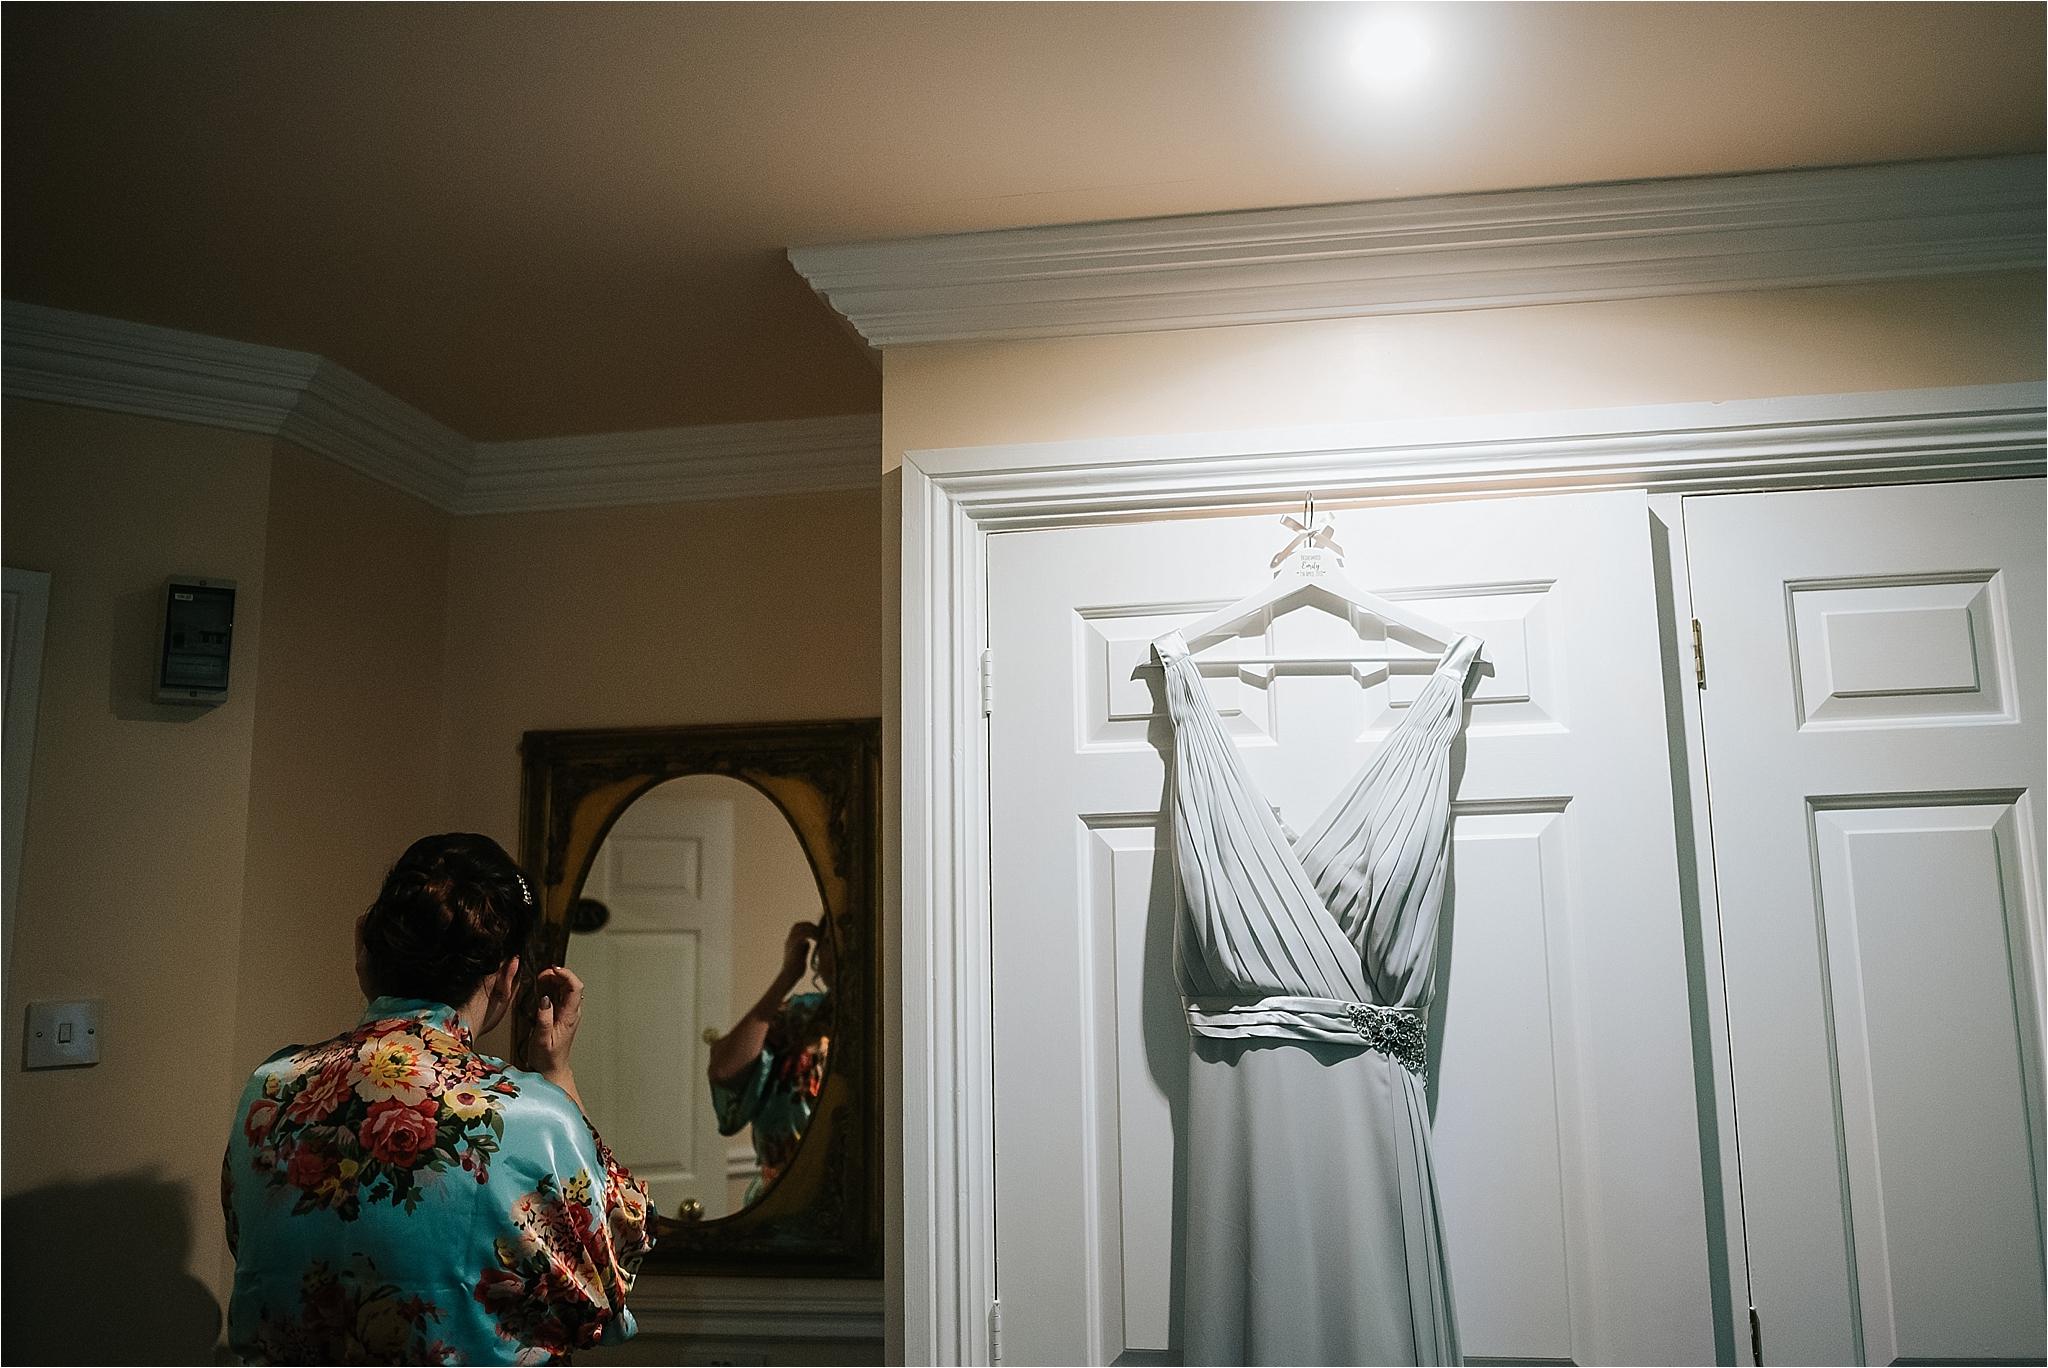 bridesmaid dress hangs in bridal suite